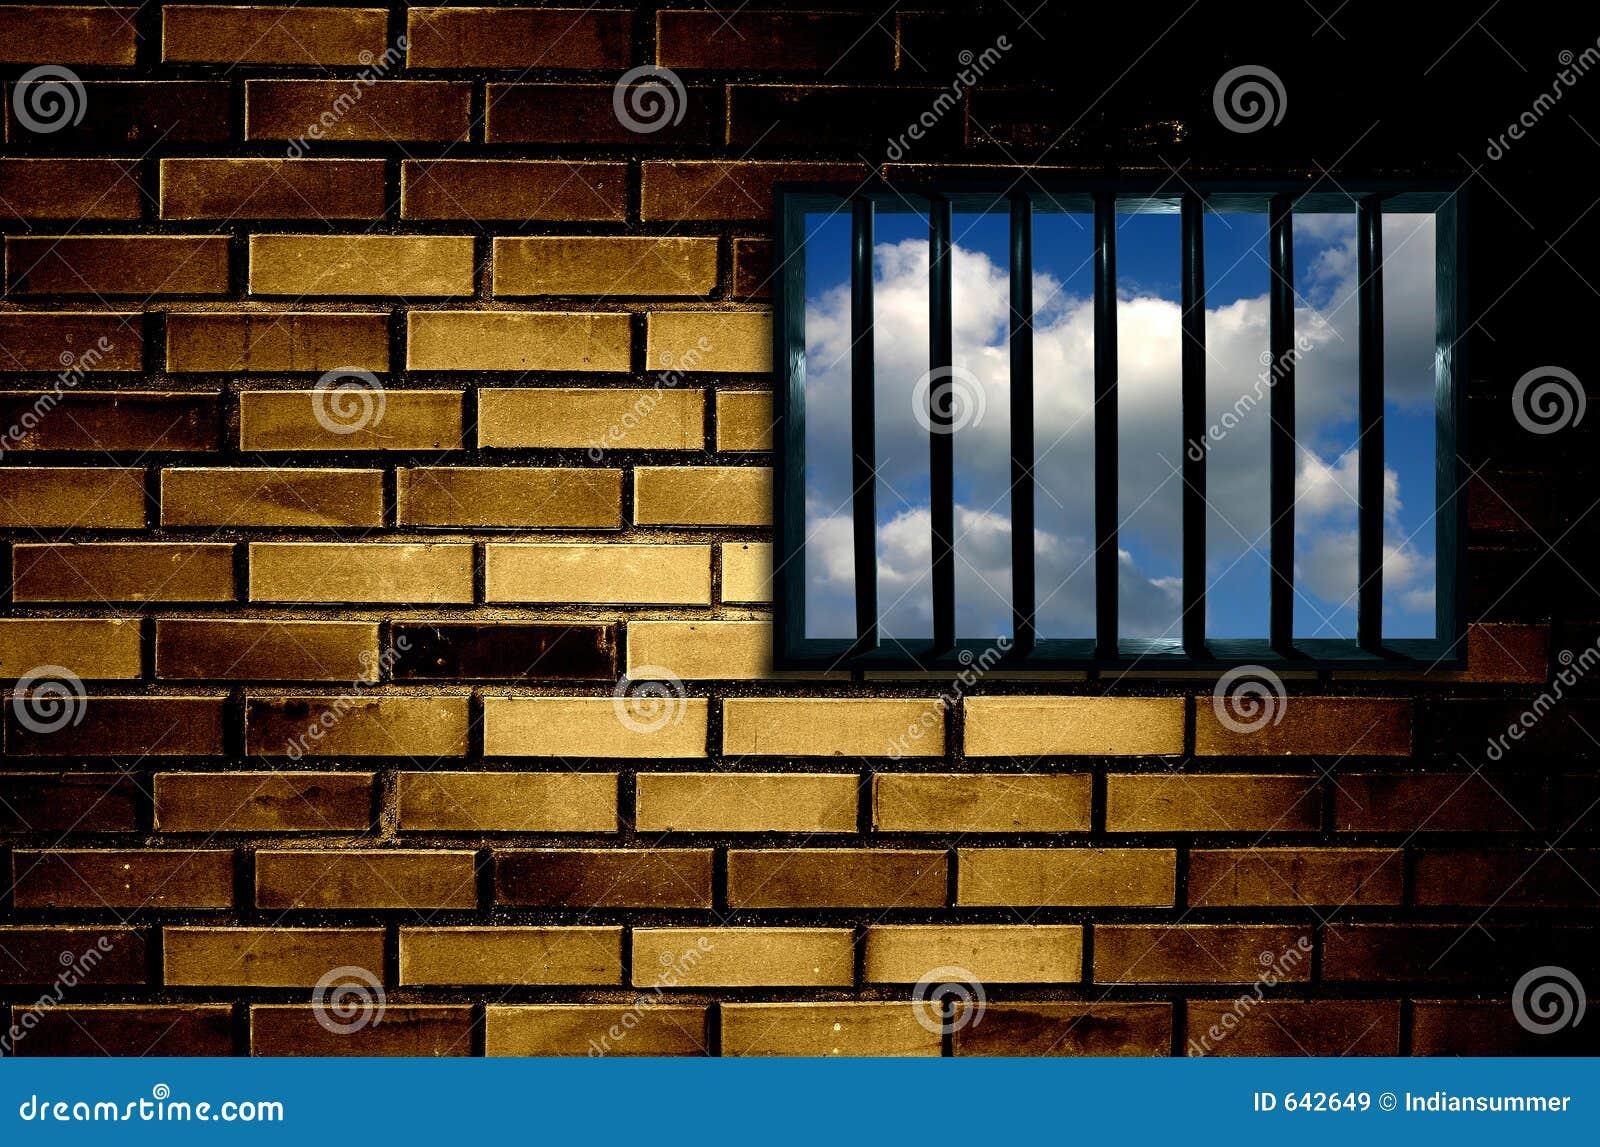 Download Latticed окно тюрьмы иллюстрация штока. иллюстрации насчитывающей latticed - 642649